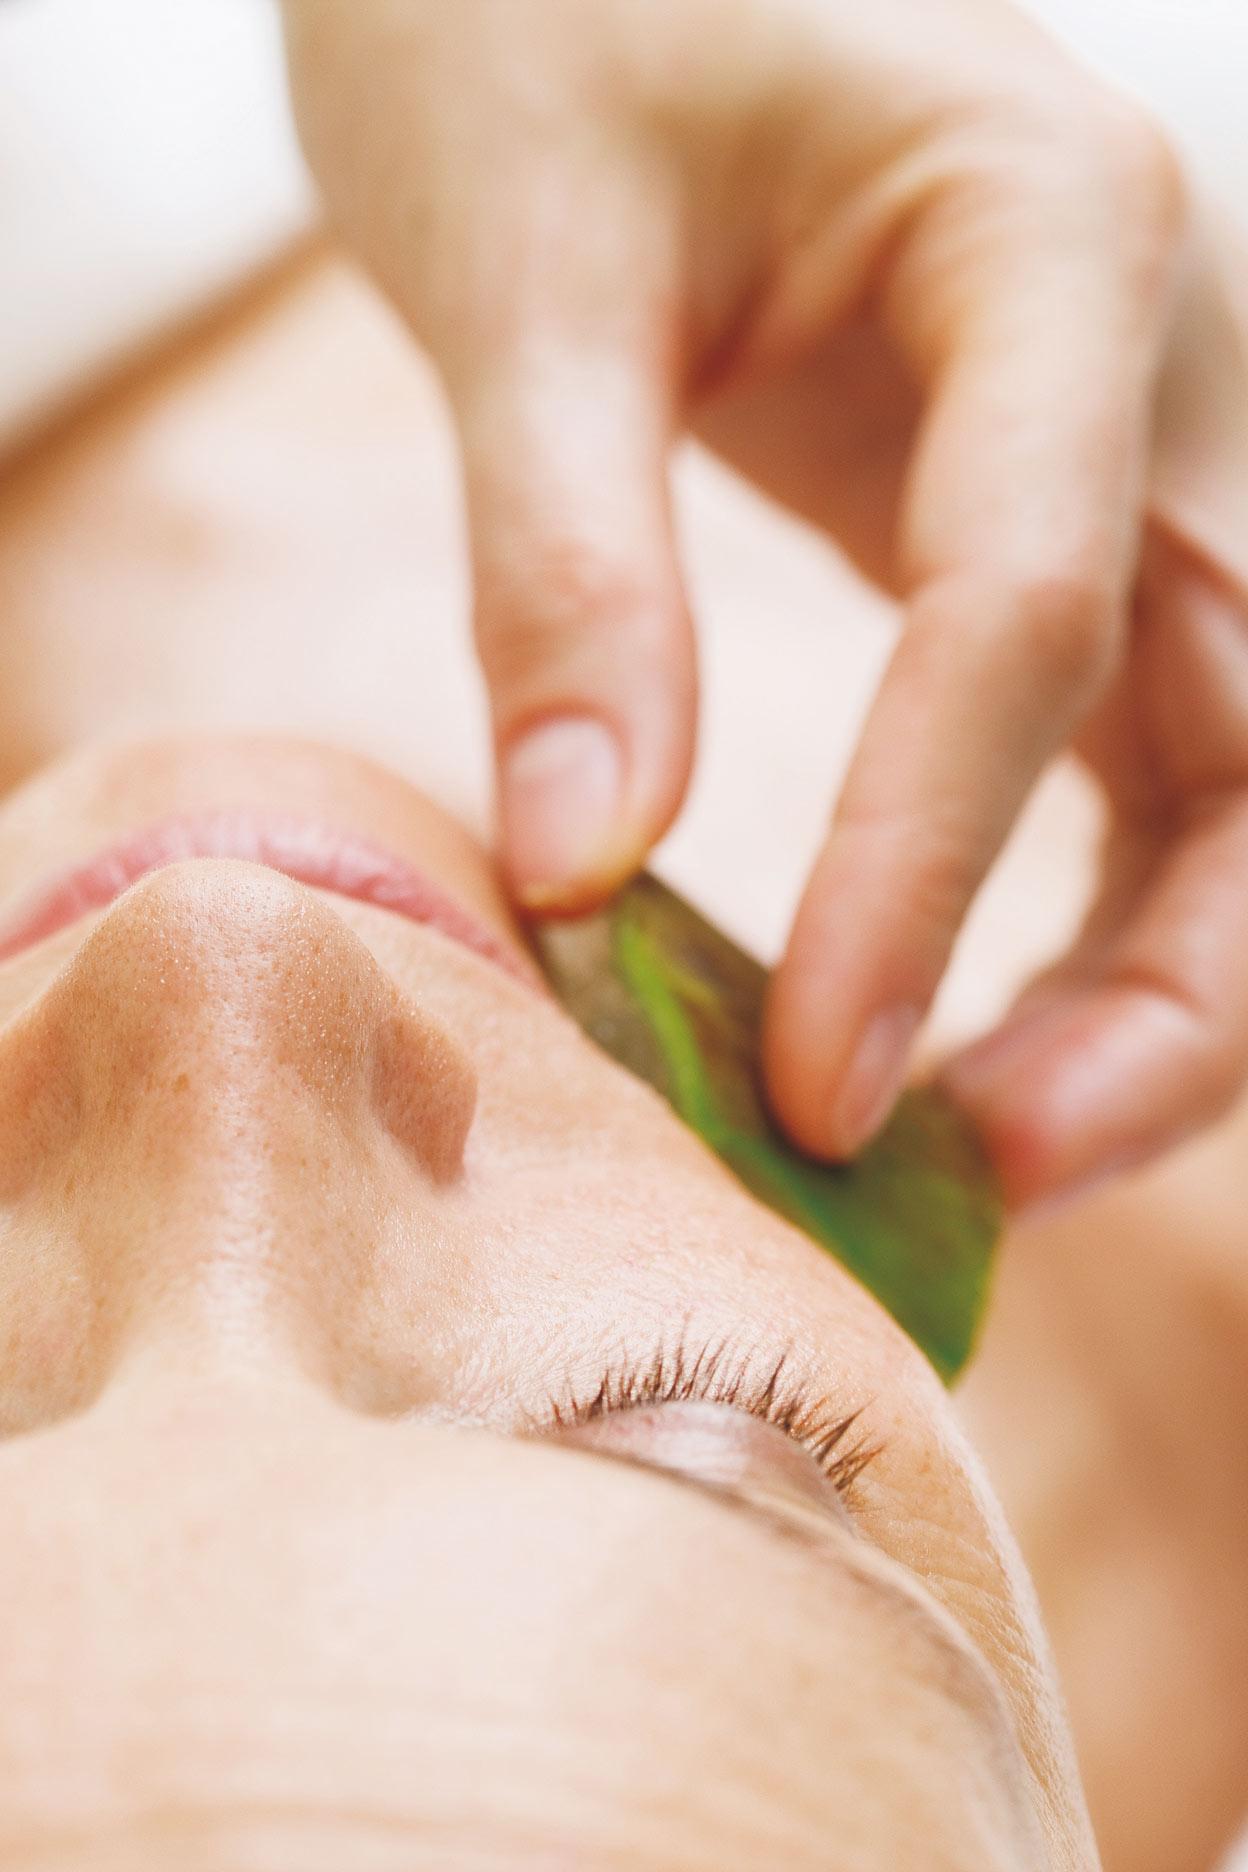 Gesichtsbehandlung mit Aloe Vera Scheibe auf der Wange